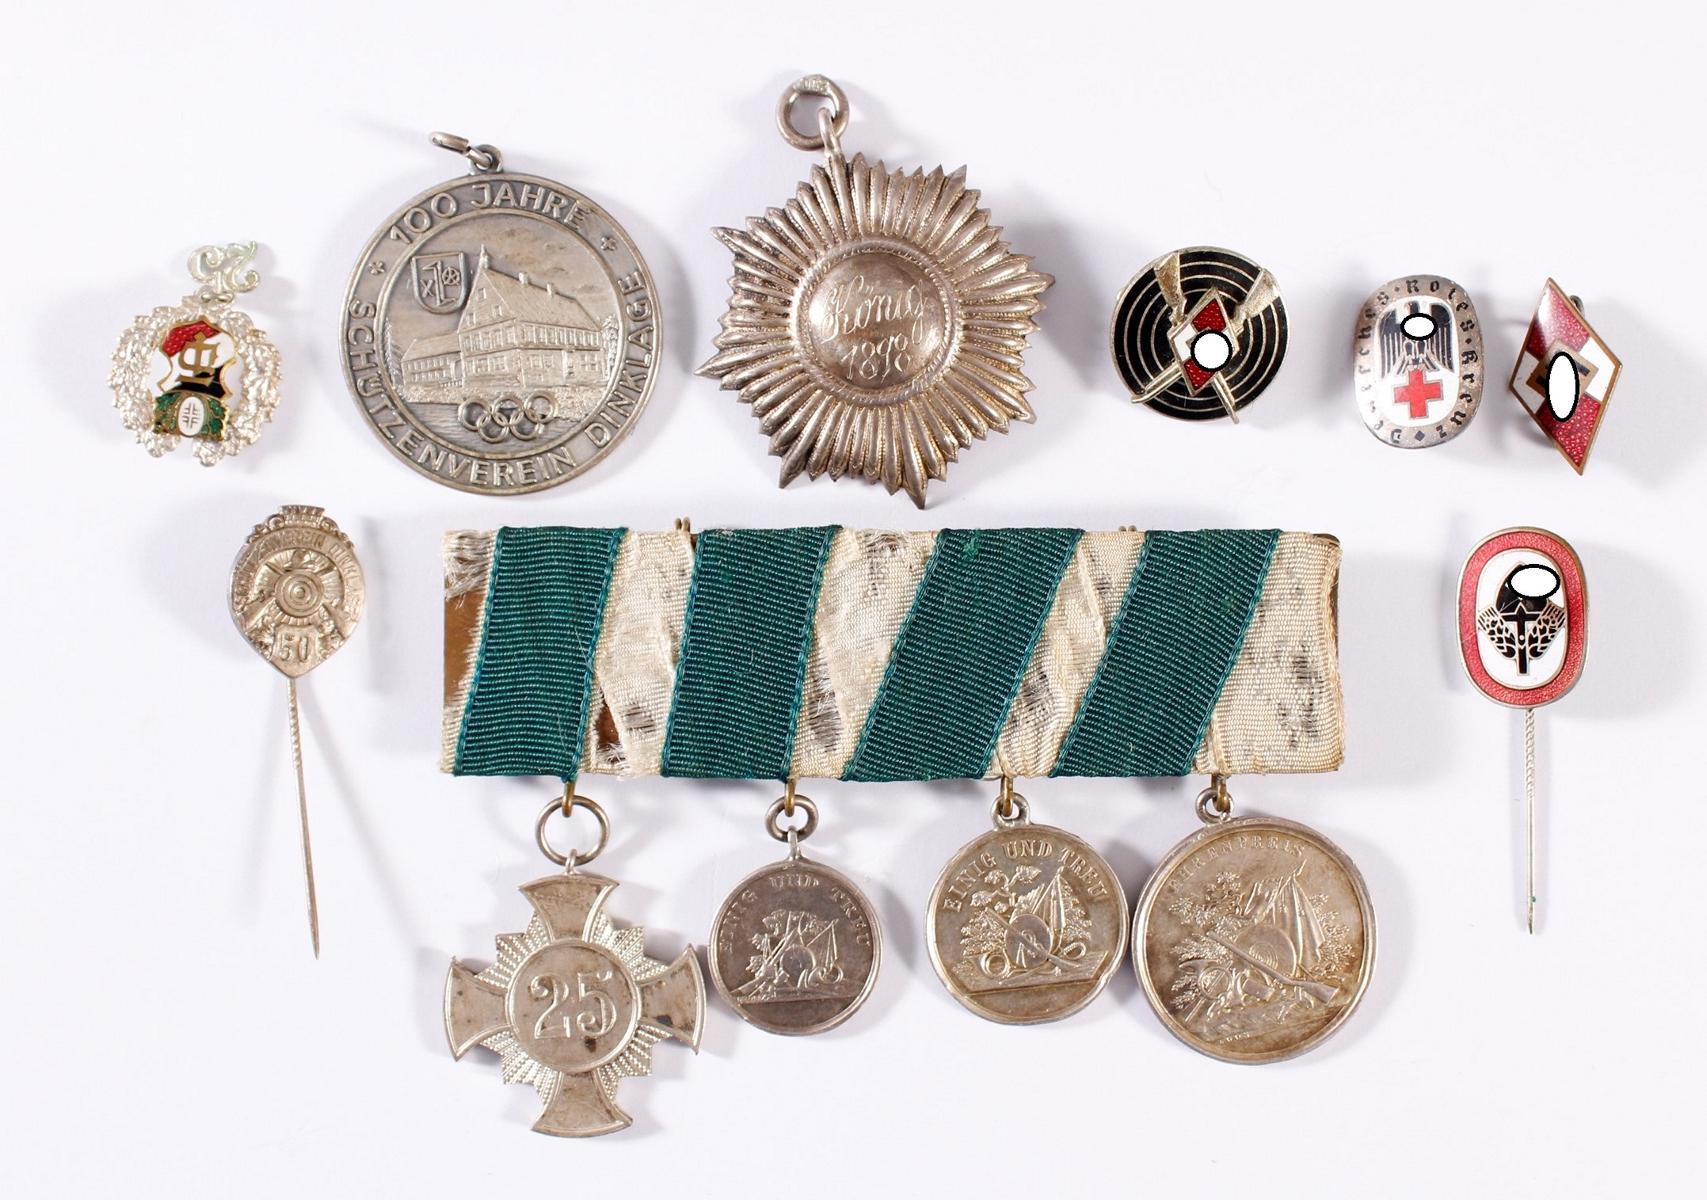 Sammlung Abzeichen und Preisverleihungen um 1900 und 2. WK